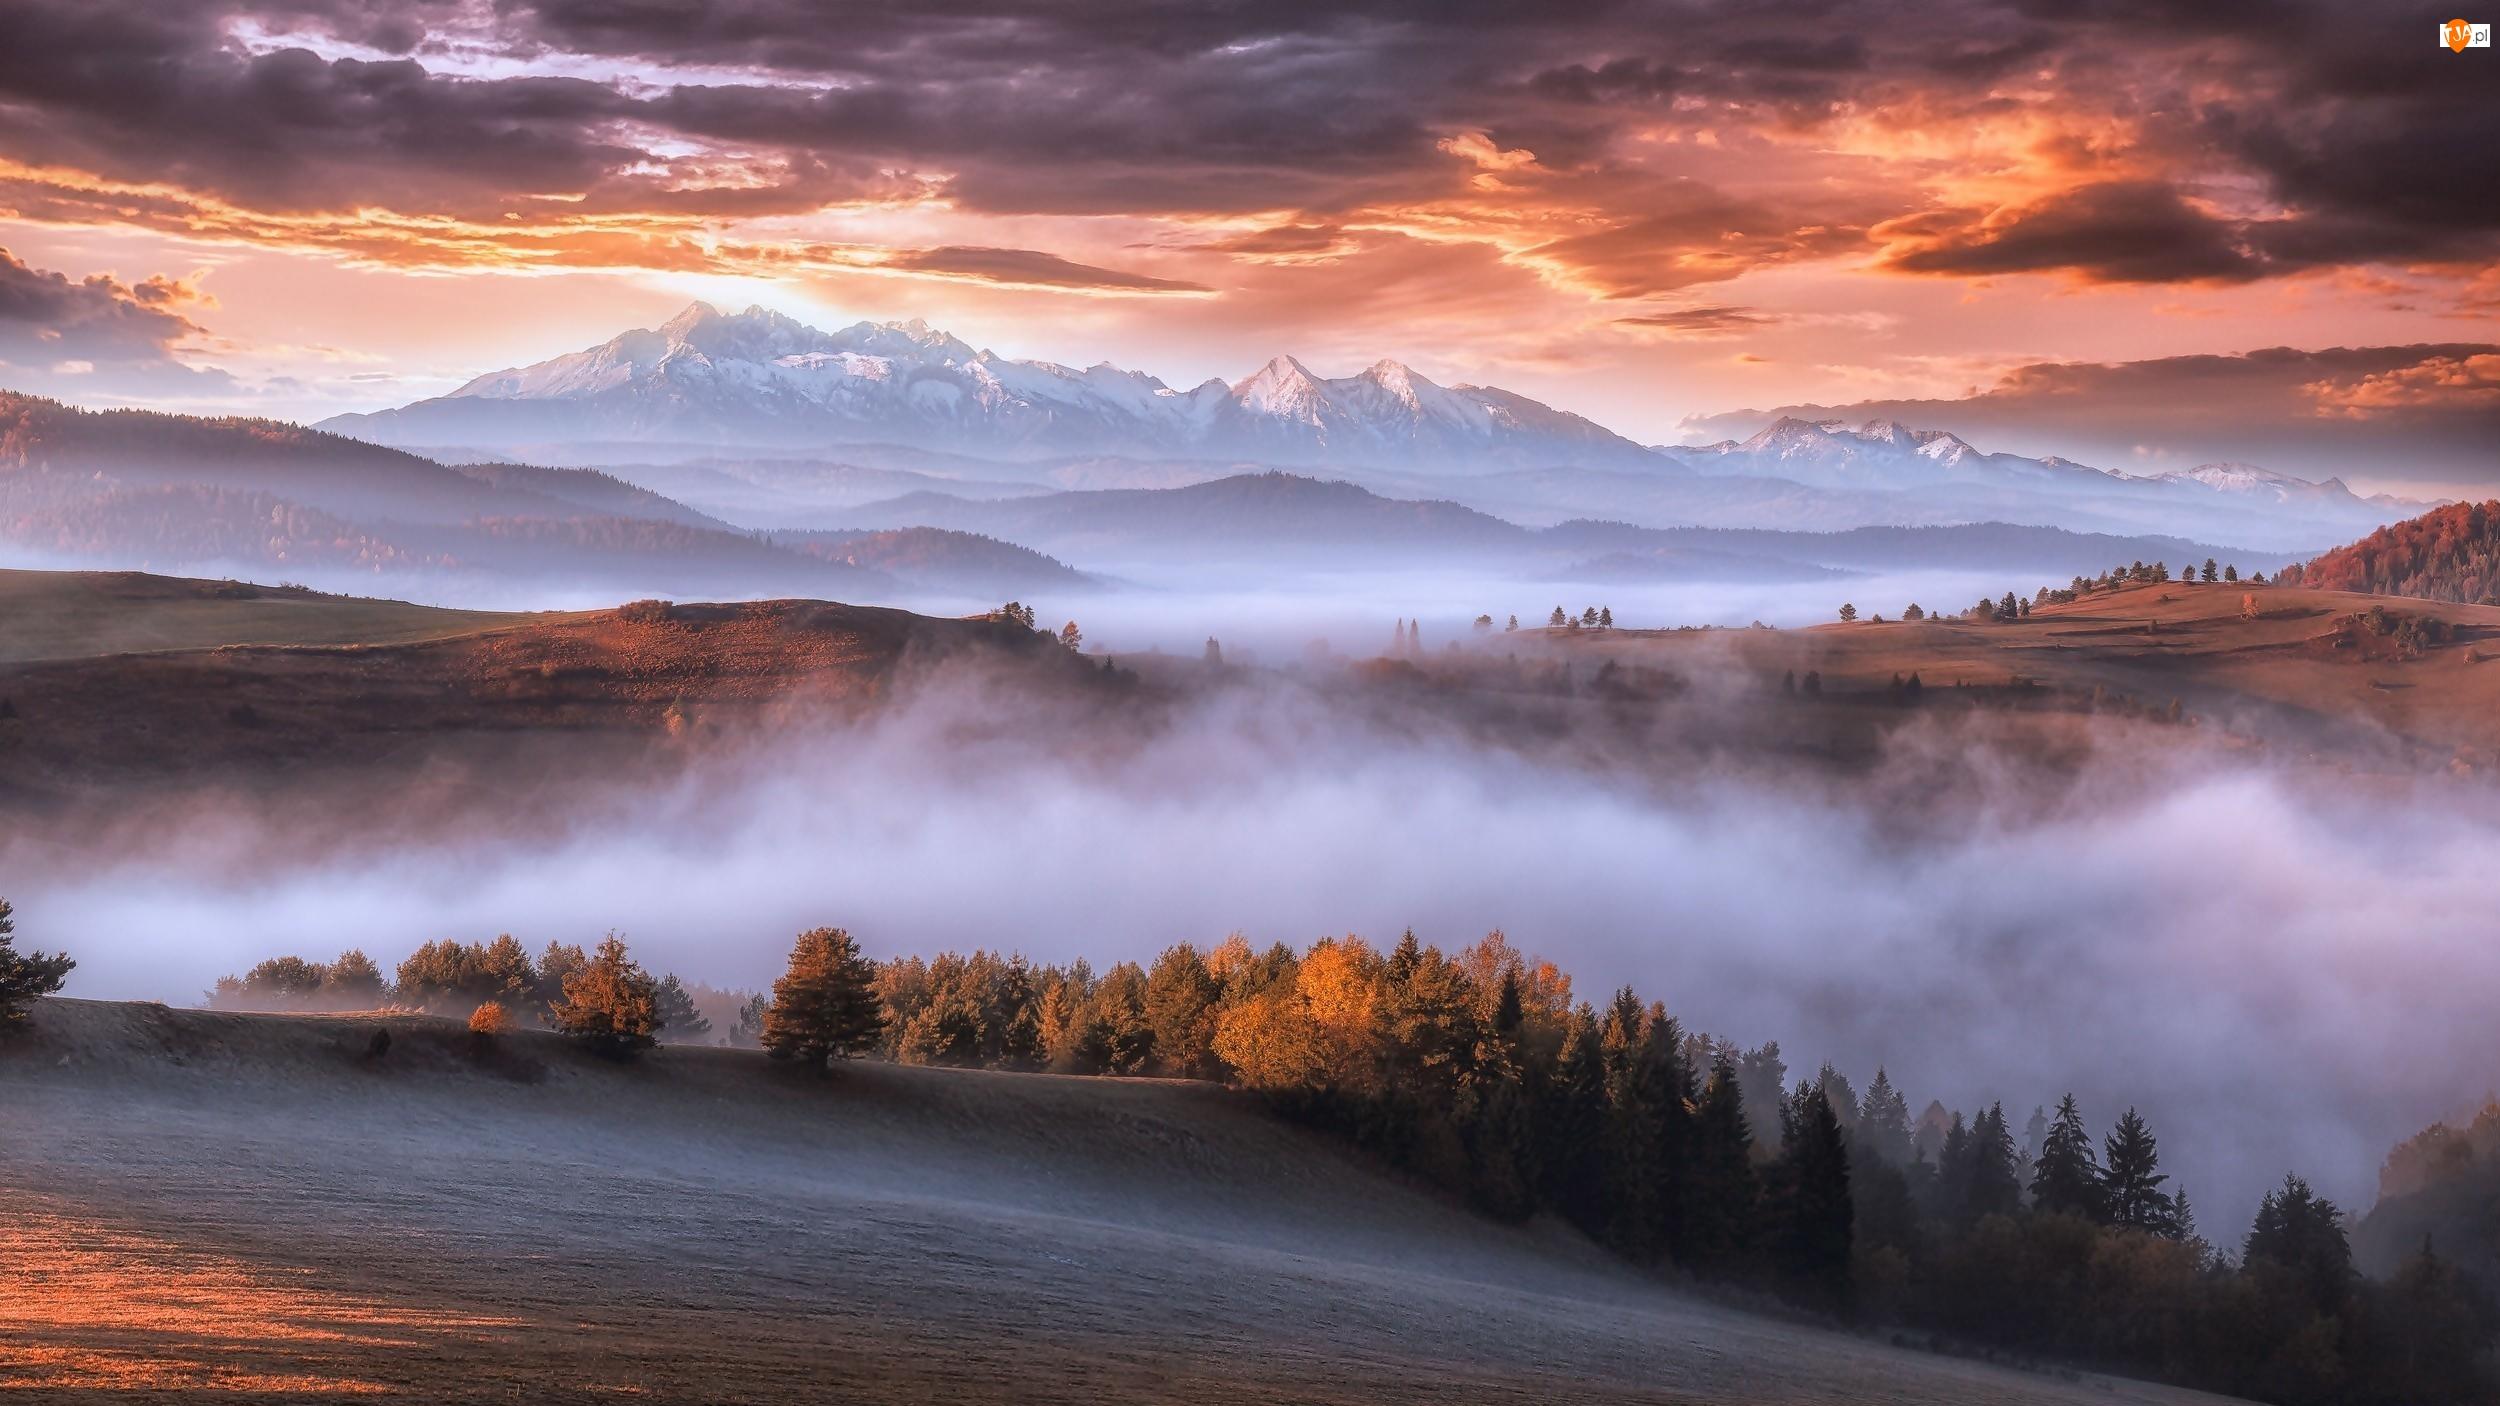 Wschód słońca, Góry Karpaty, Mgła, Lasy, Chmury